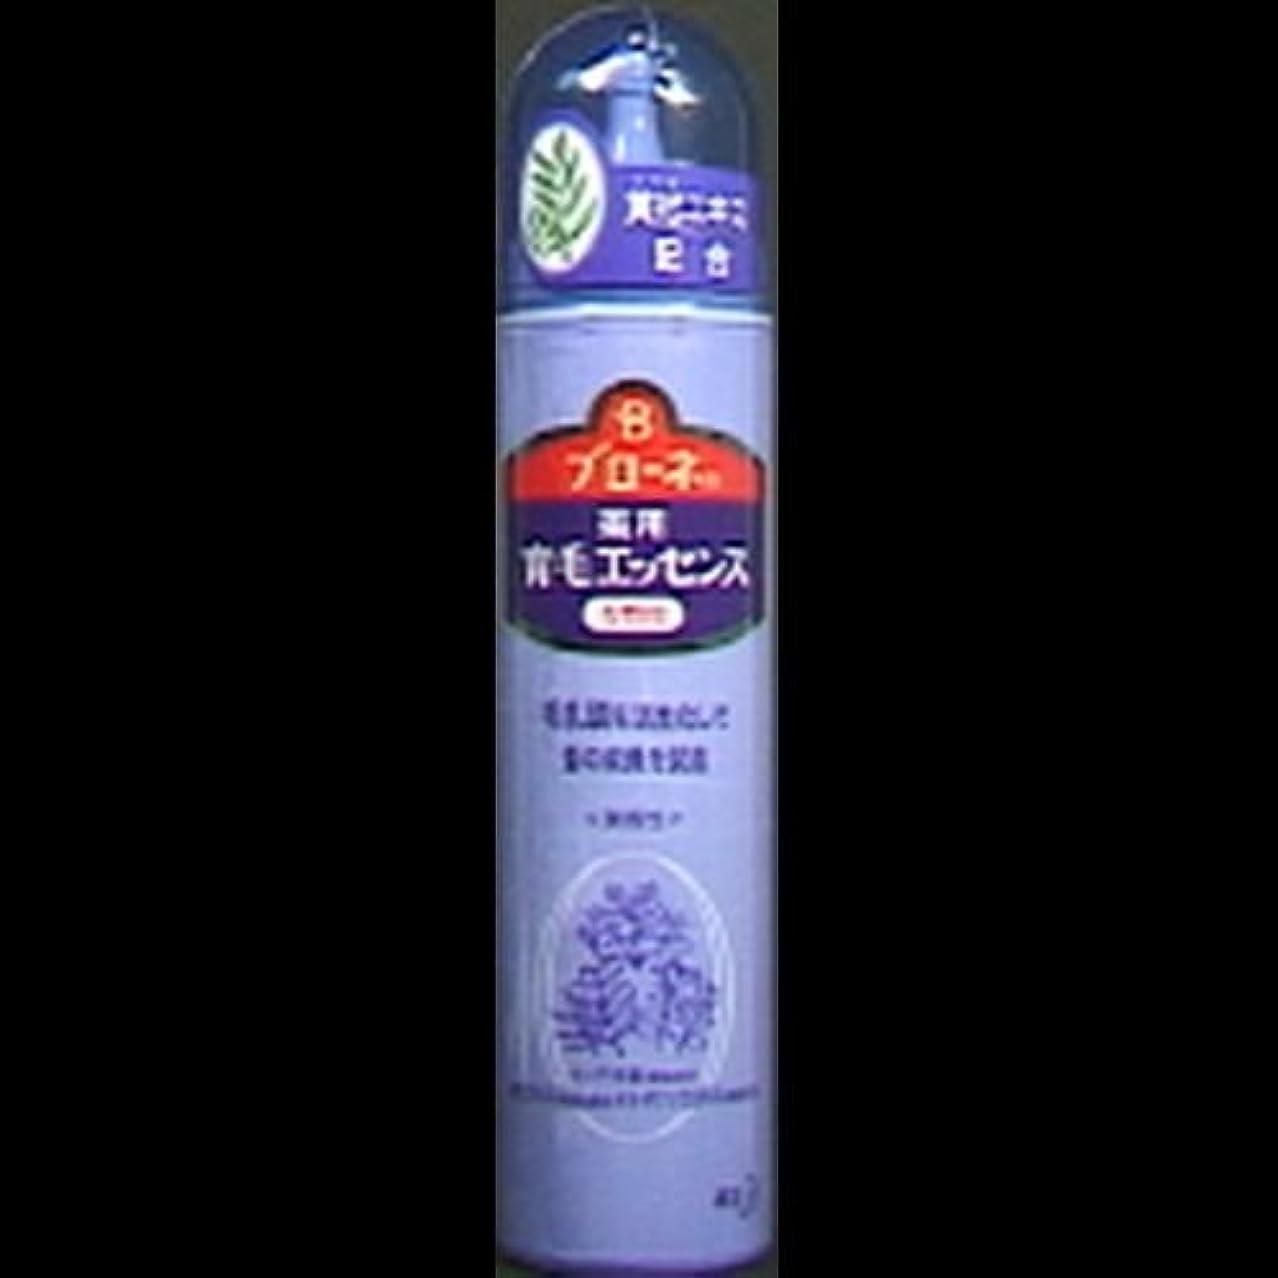 クリケット華氏手数料【まとめ買い】花王 ブローネ 薬用育毛エッセンス 130g ×2セット